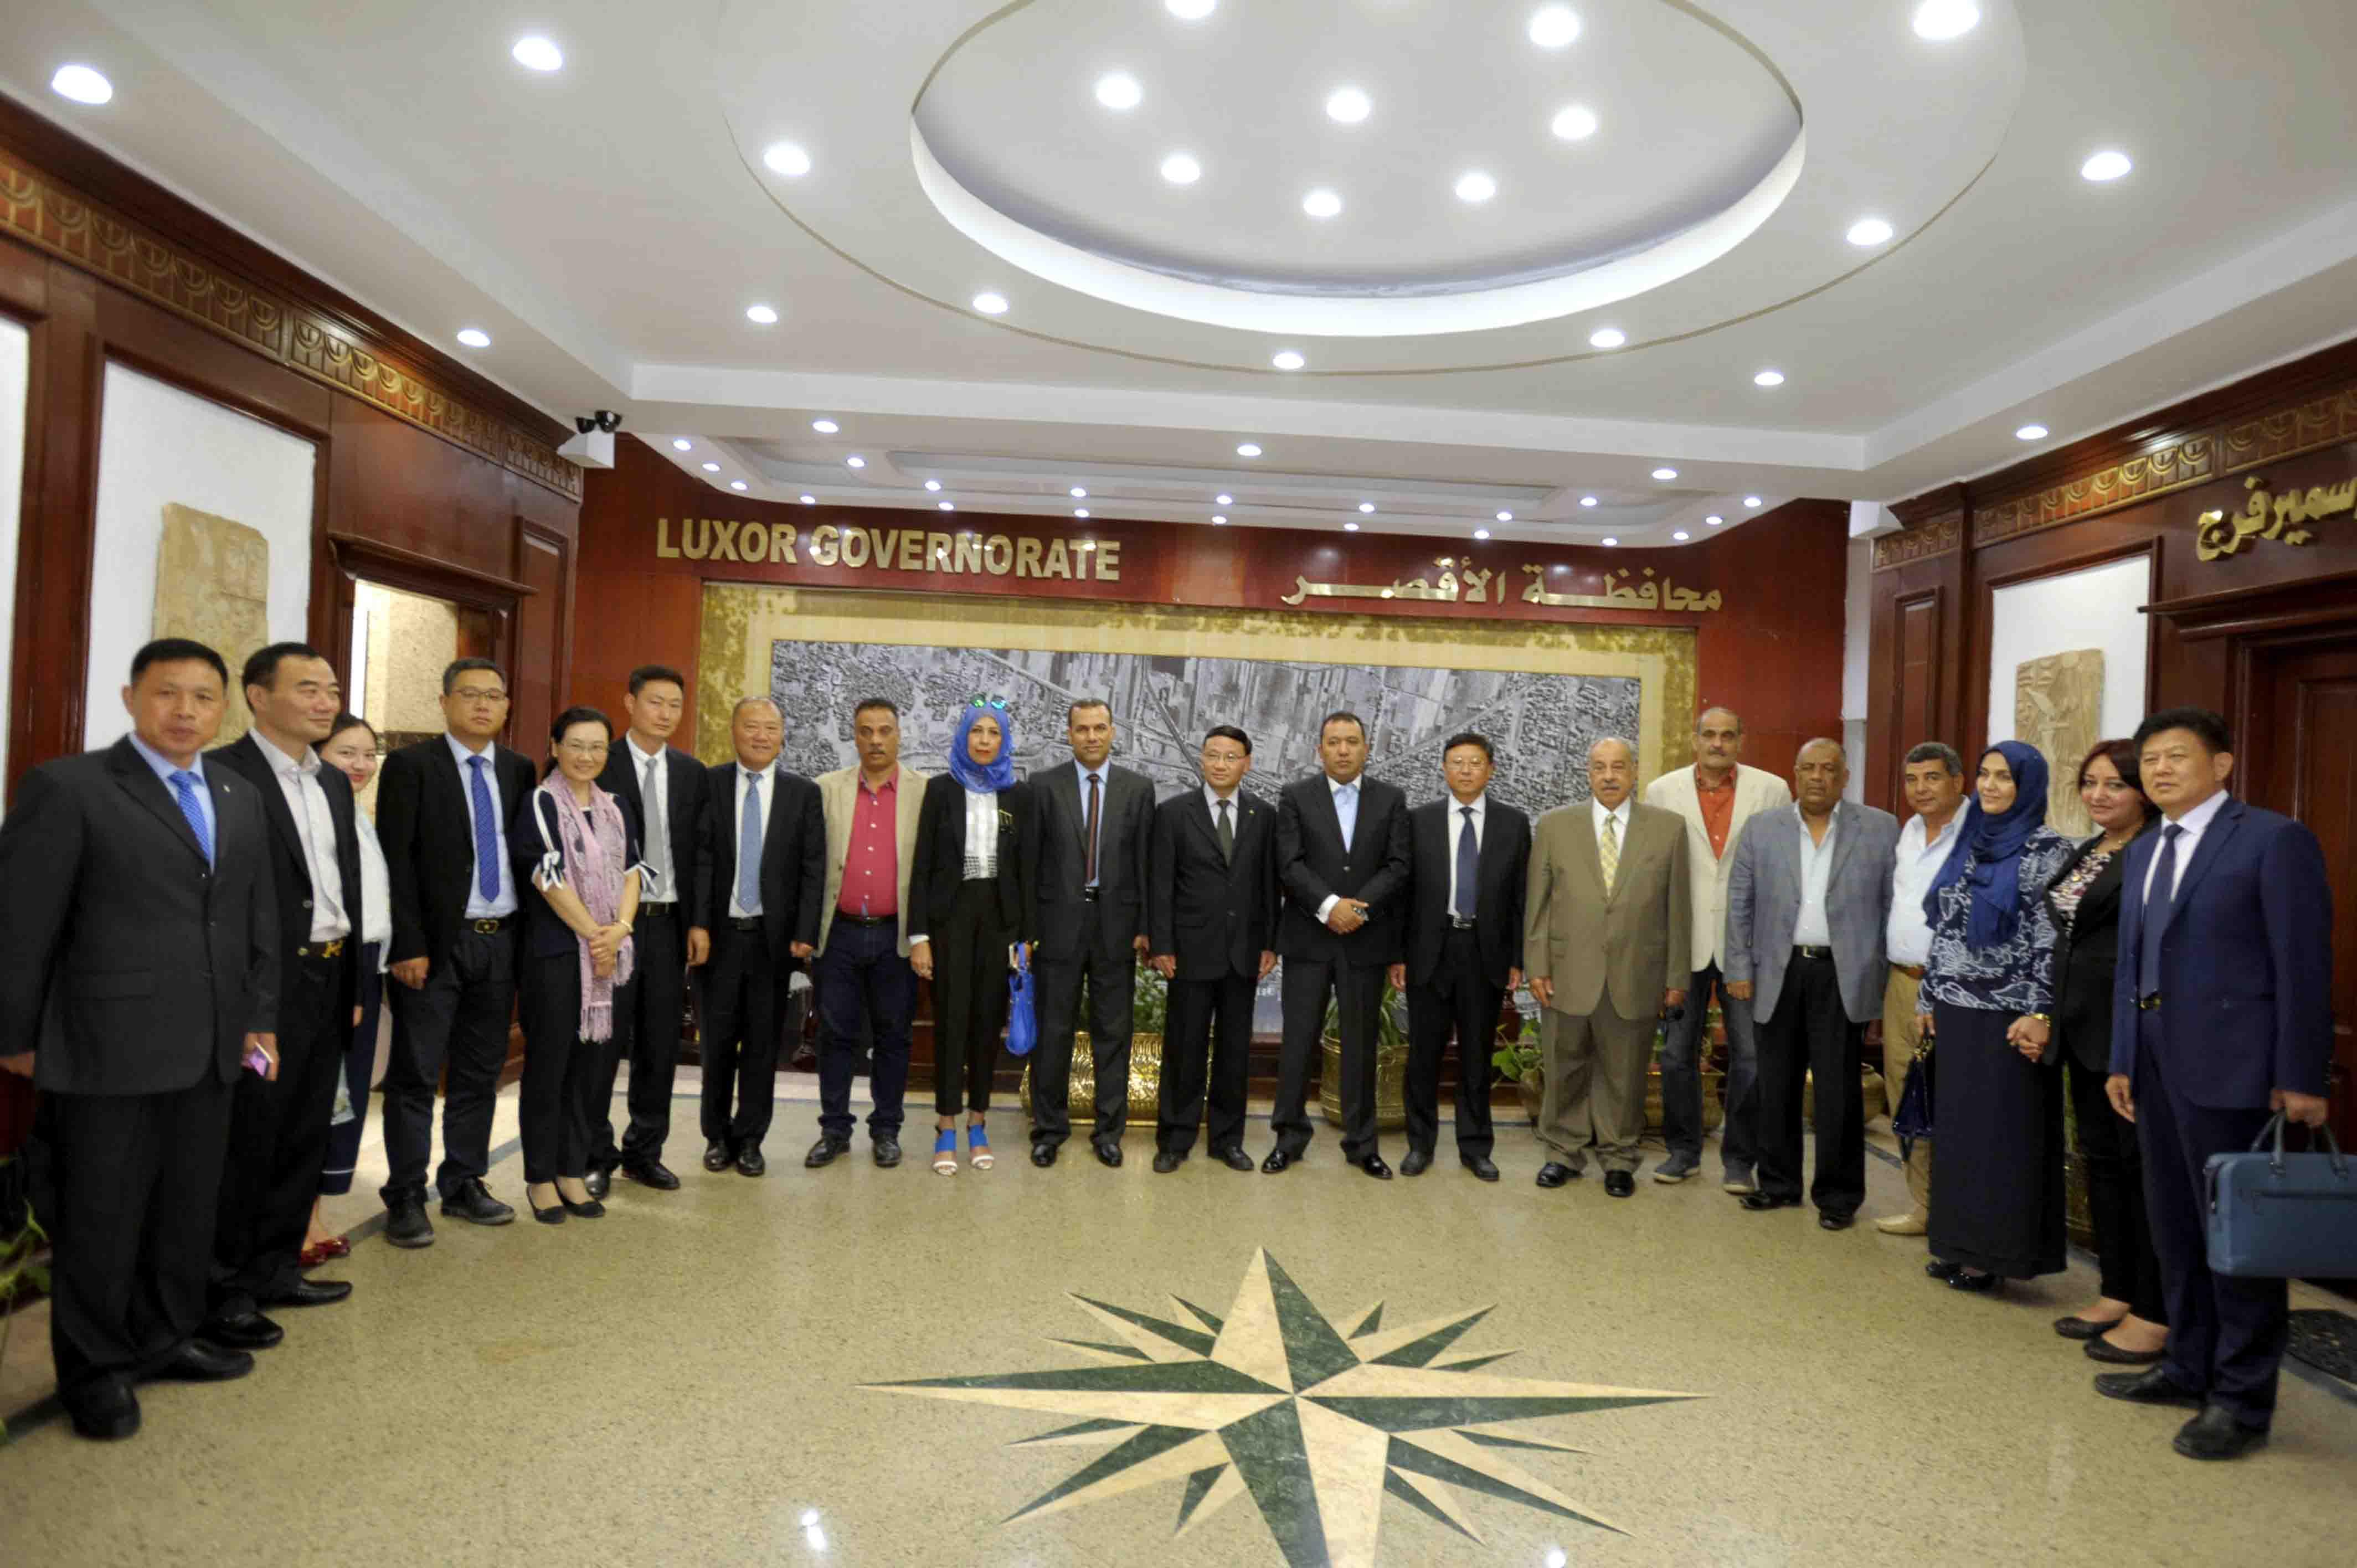 الأقصر توقع إتفاقية تآخي بكافة المجالات مع مدينة يانجشتو الصينية (2)